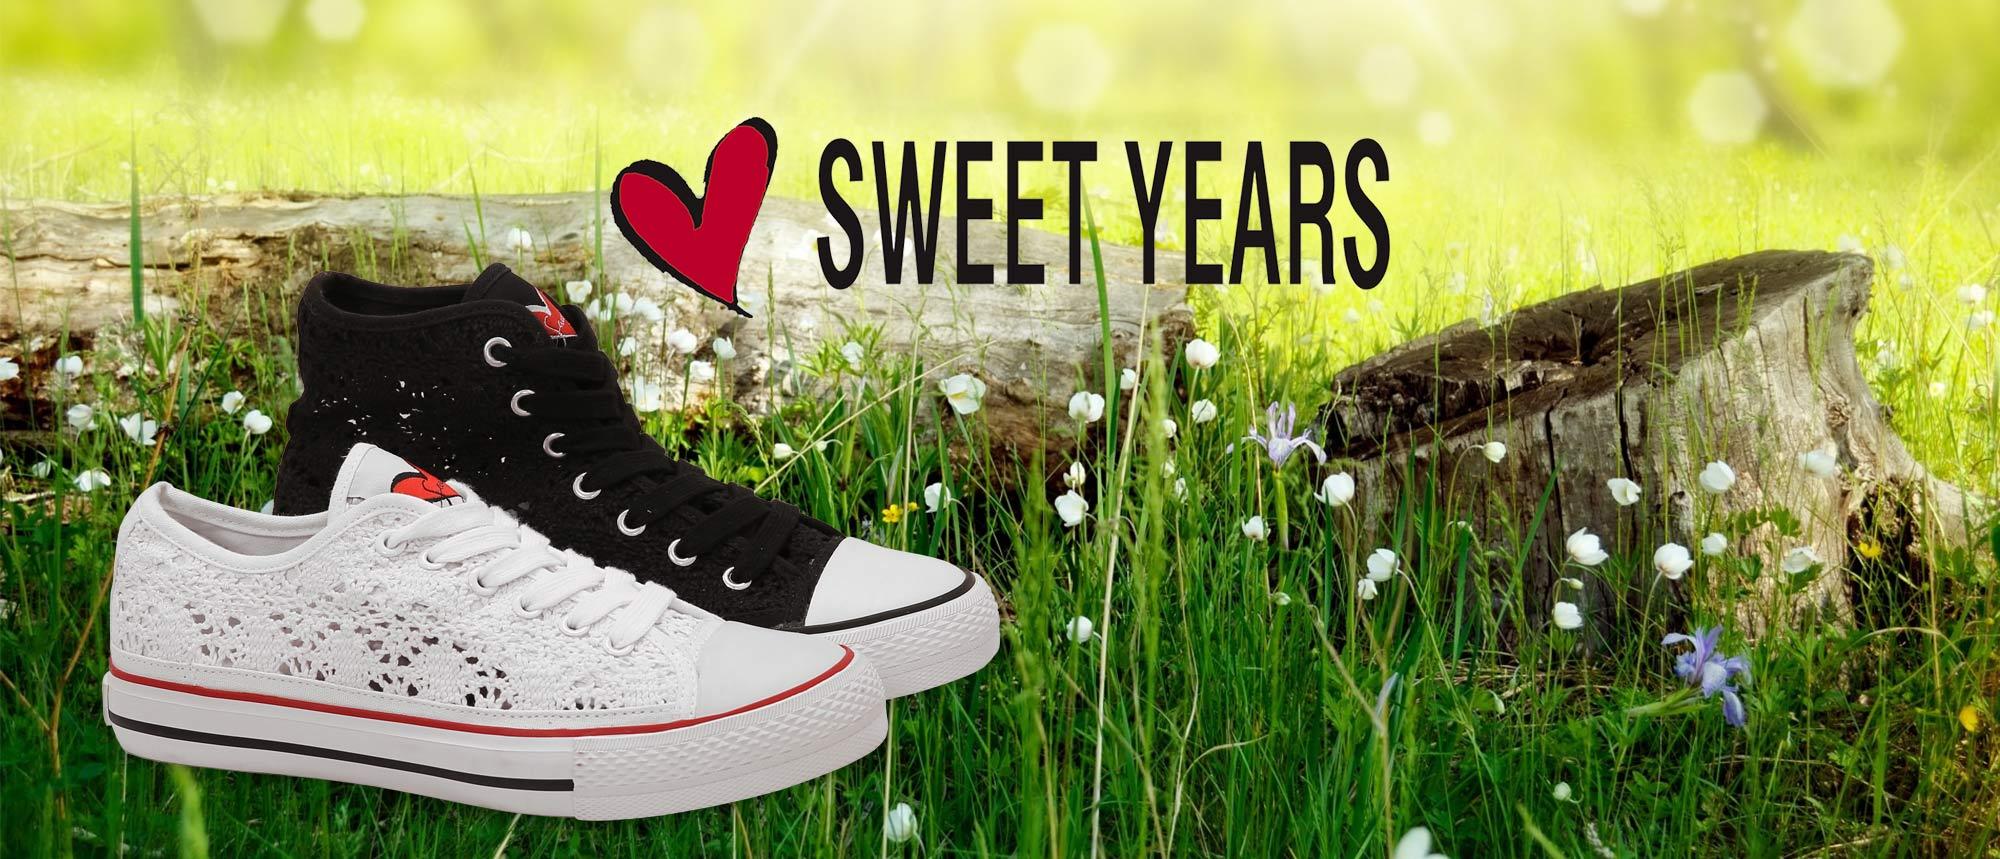 SWEET-YEARS